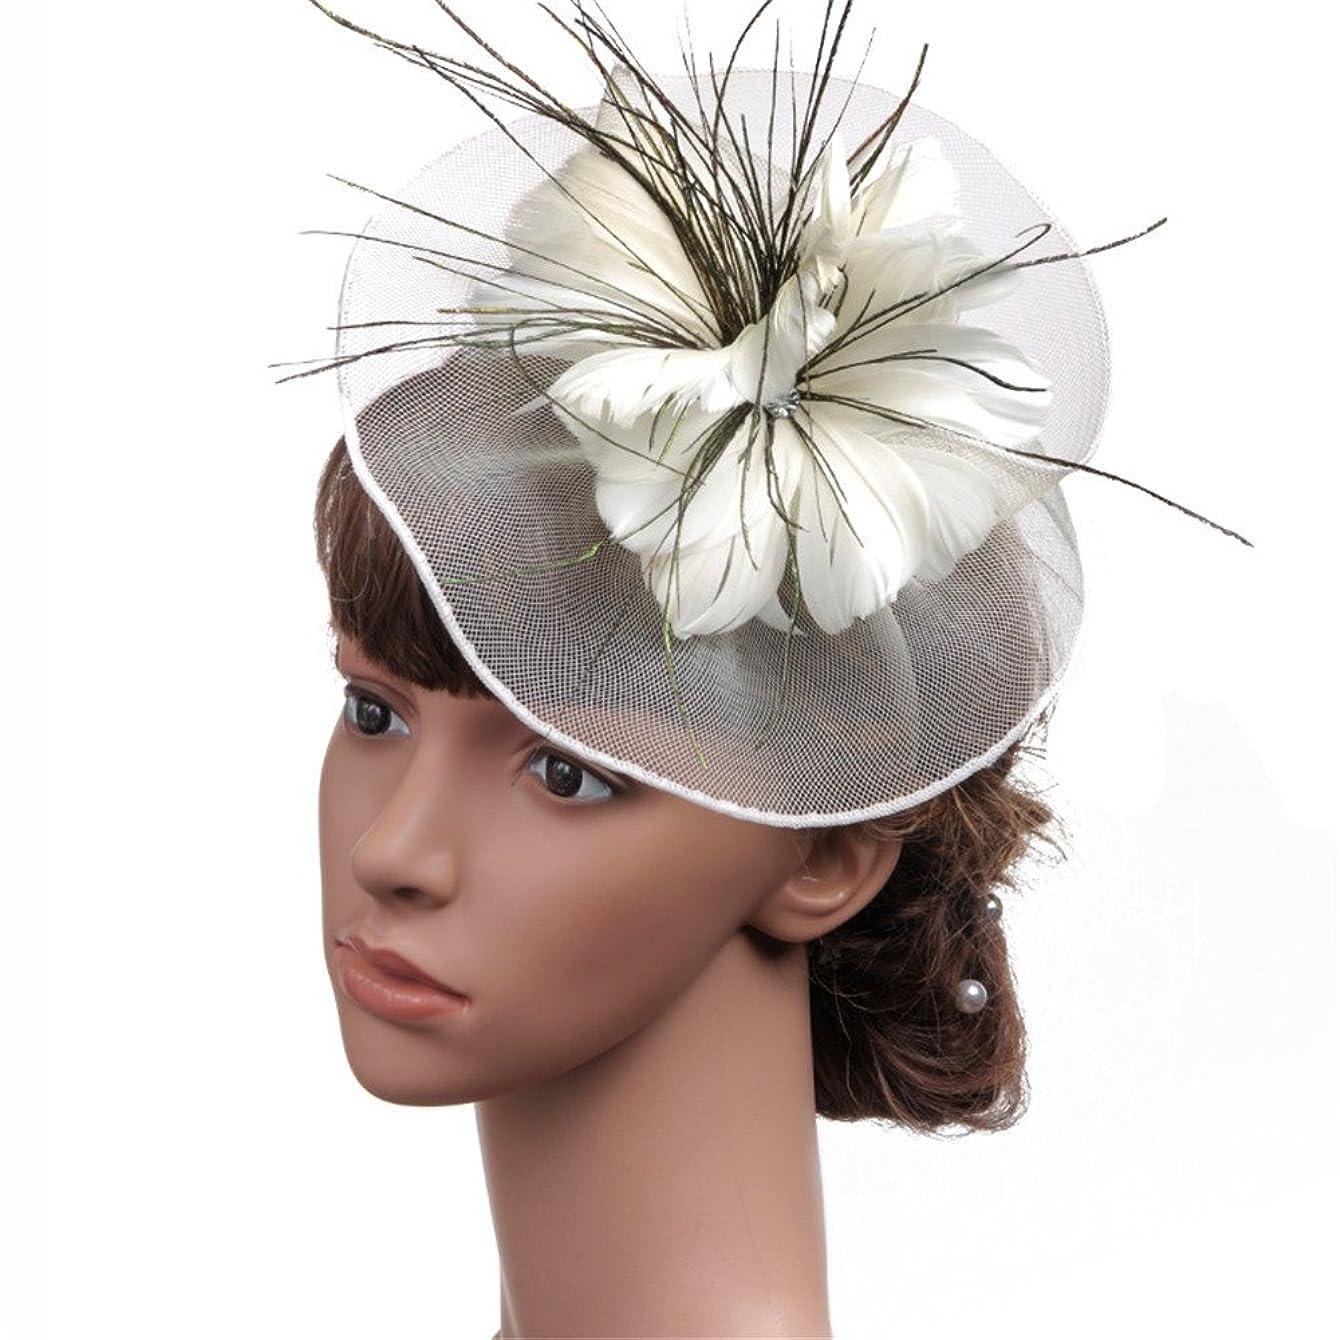 ポスト印象派断線反映する女性の魅力的な帽子 女性のヴィンテージ魅惑的なカクテルティーパーティー帽子羽花ヘアピンヘッドドレス花花嫁パーティーウェディング (色 : 緑)